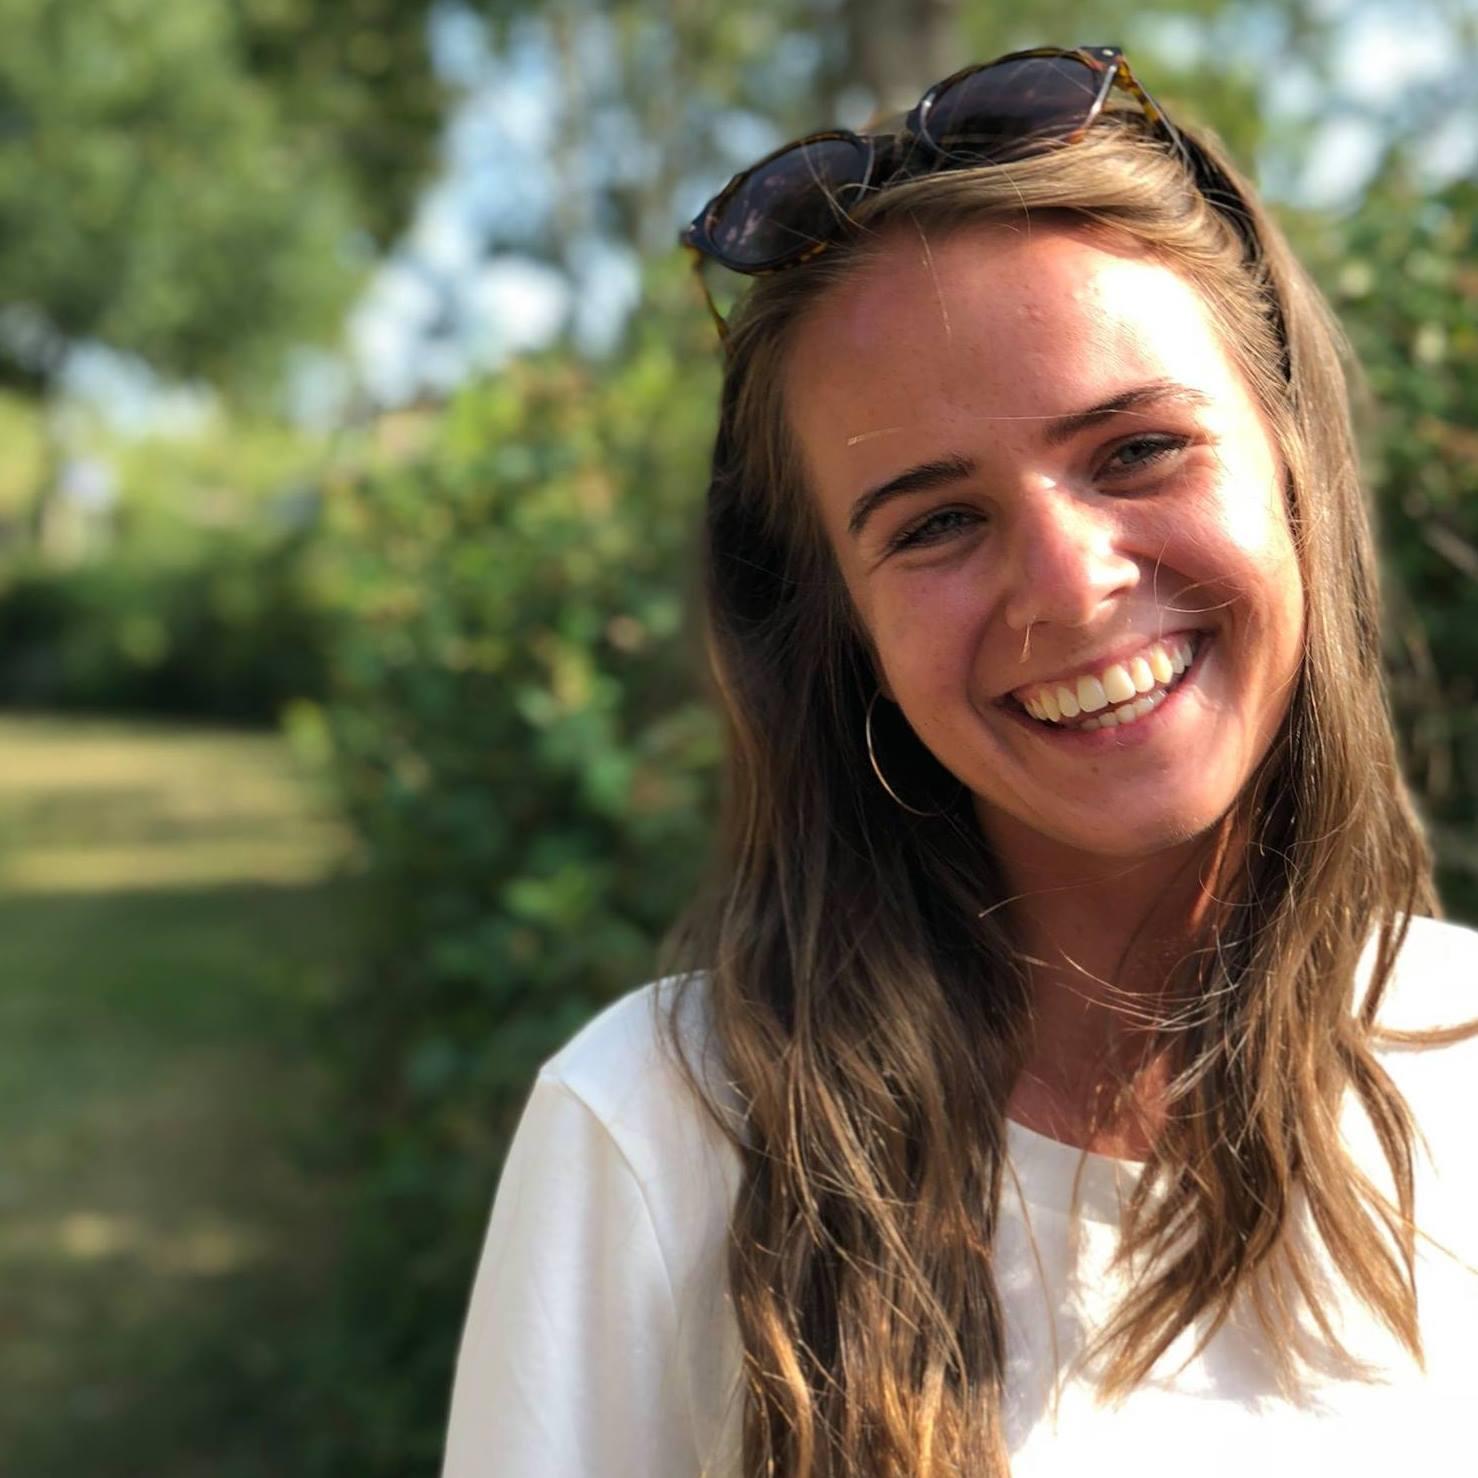 Nicoline Hæstad Andersen